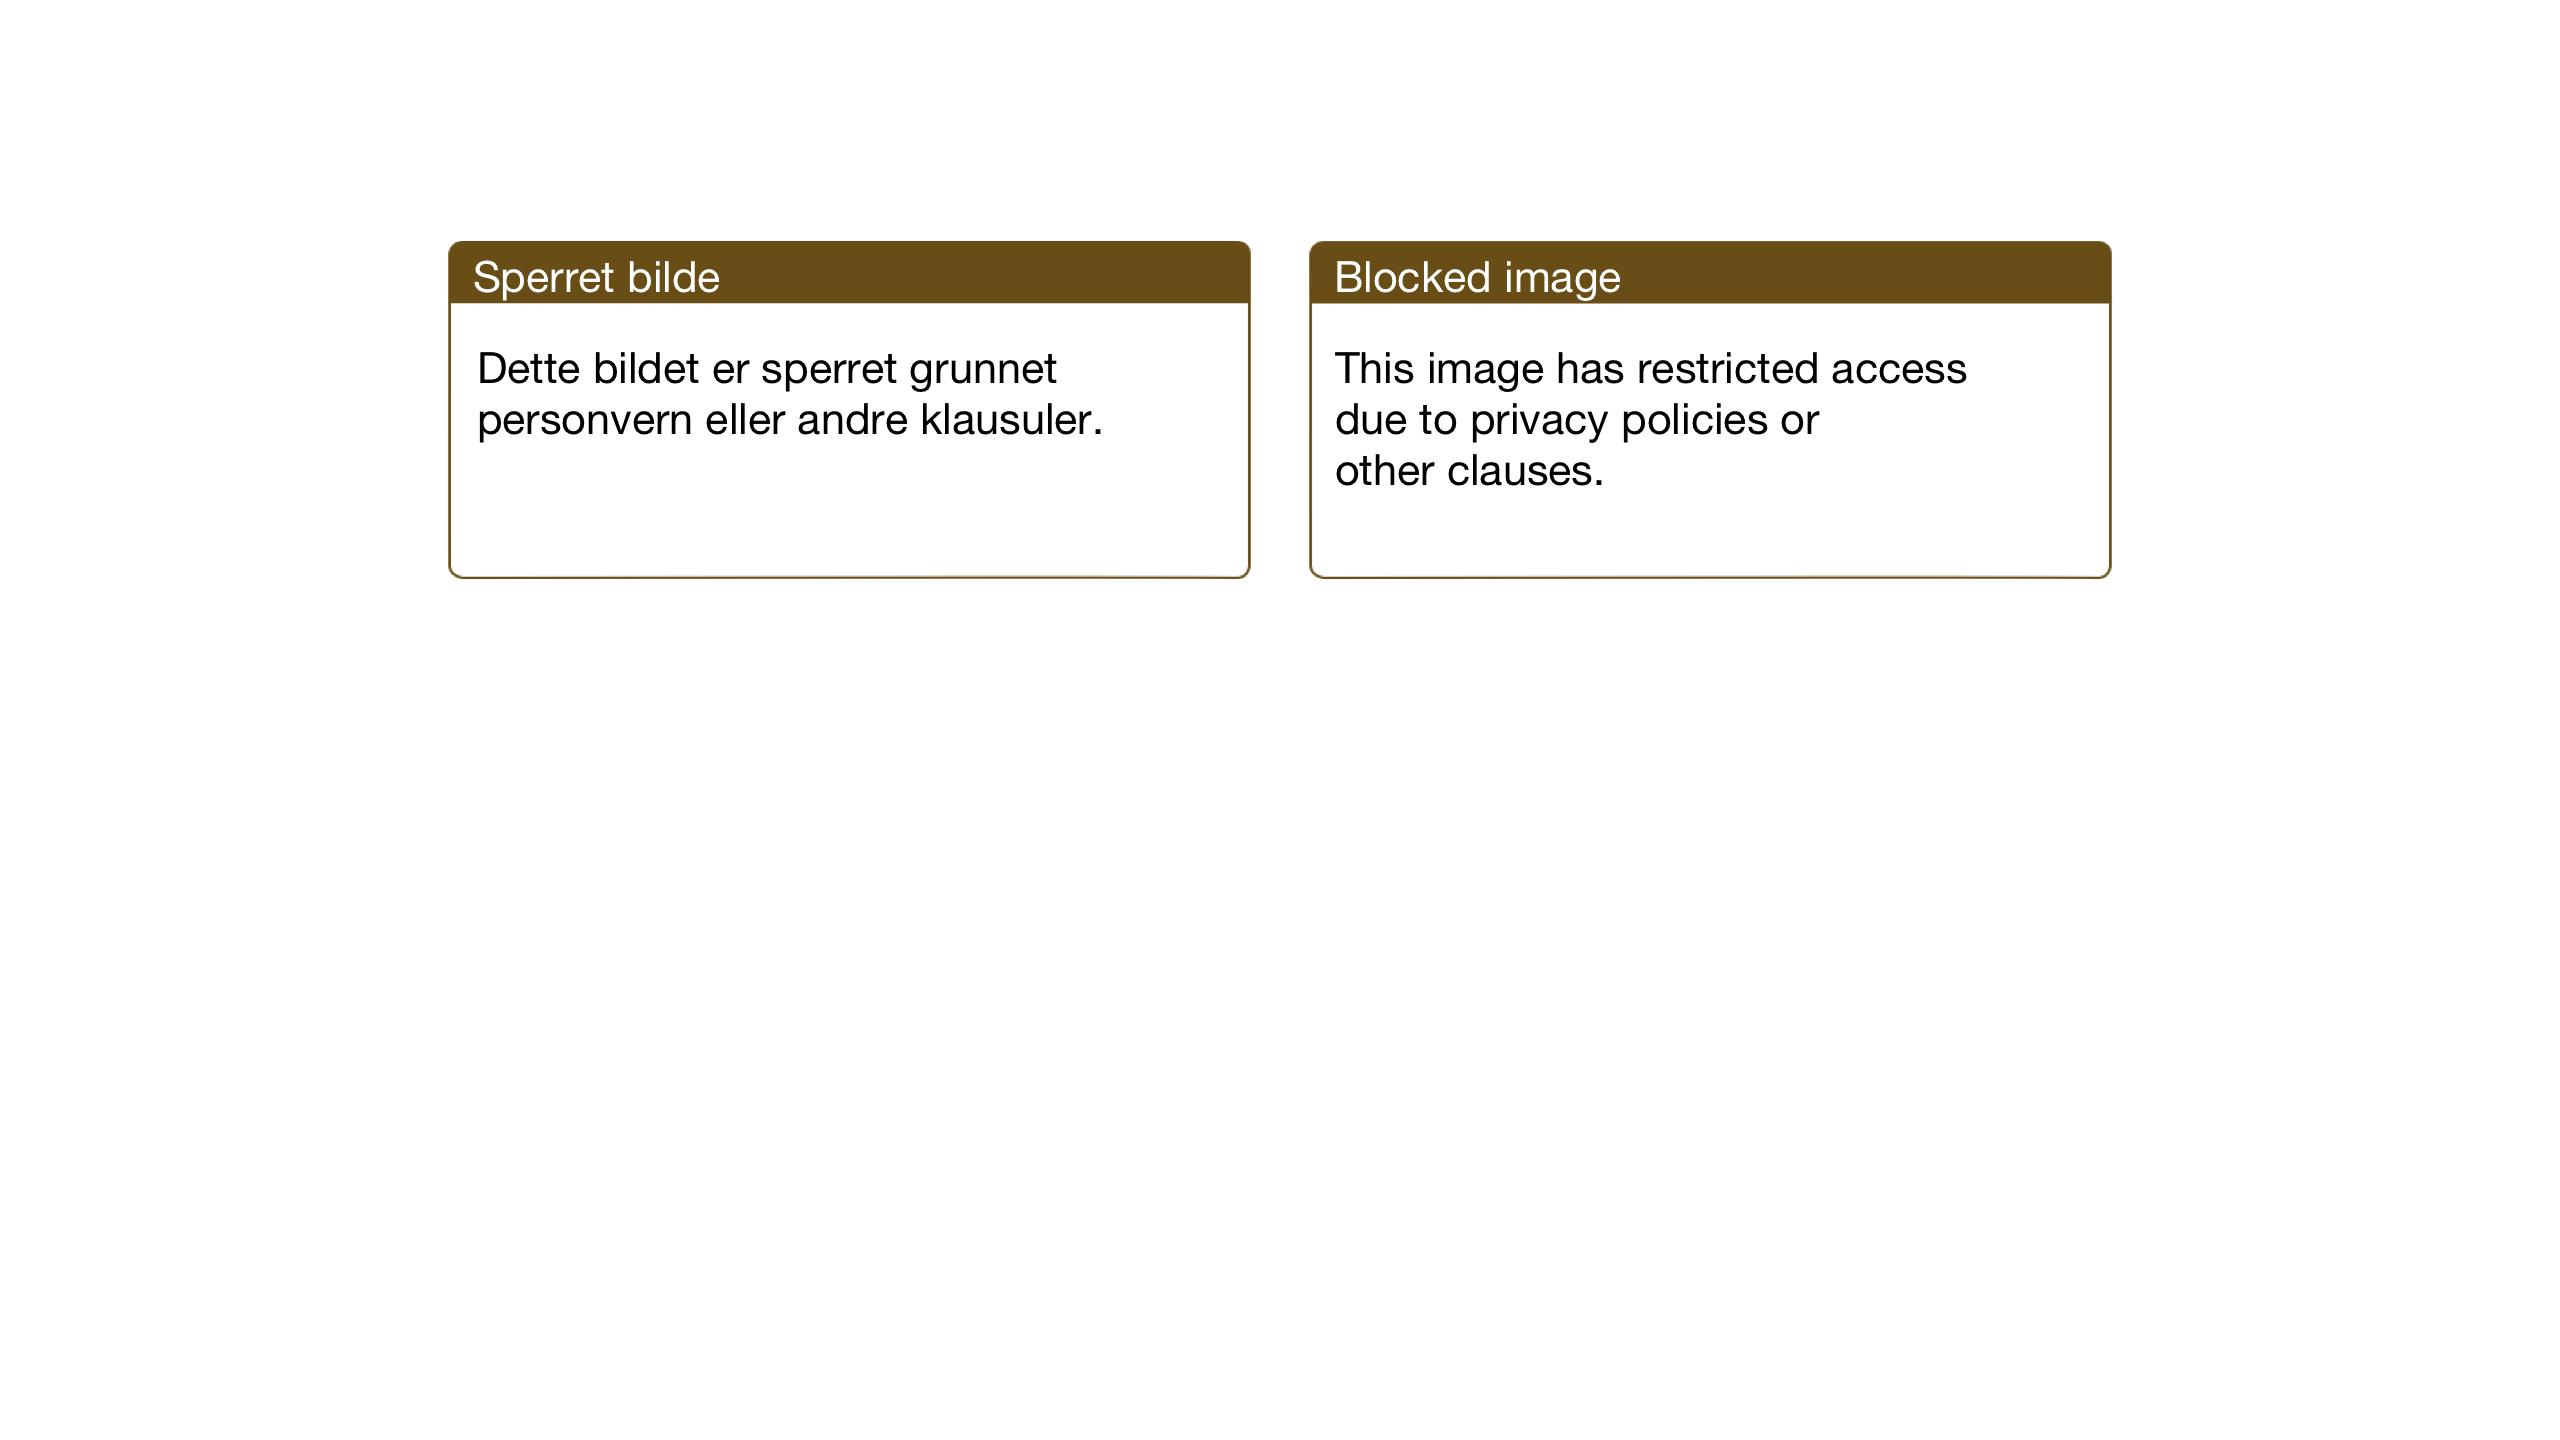 SAT, Ministerialprotokoller, klokkerbøker og fødselsregistre - Nord-Trøndelag, 742/L0413: Klokkerbok nr. 742C04, 1911-1938, s. 58